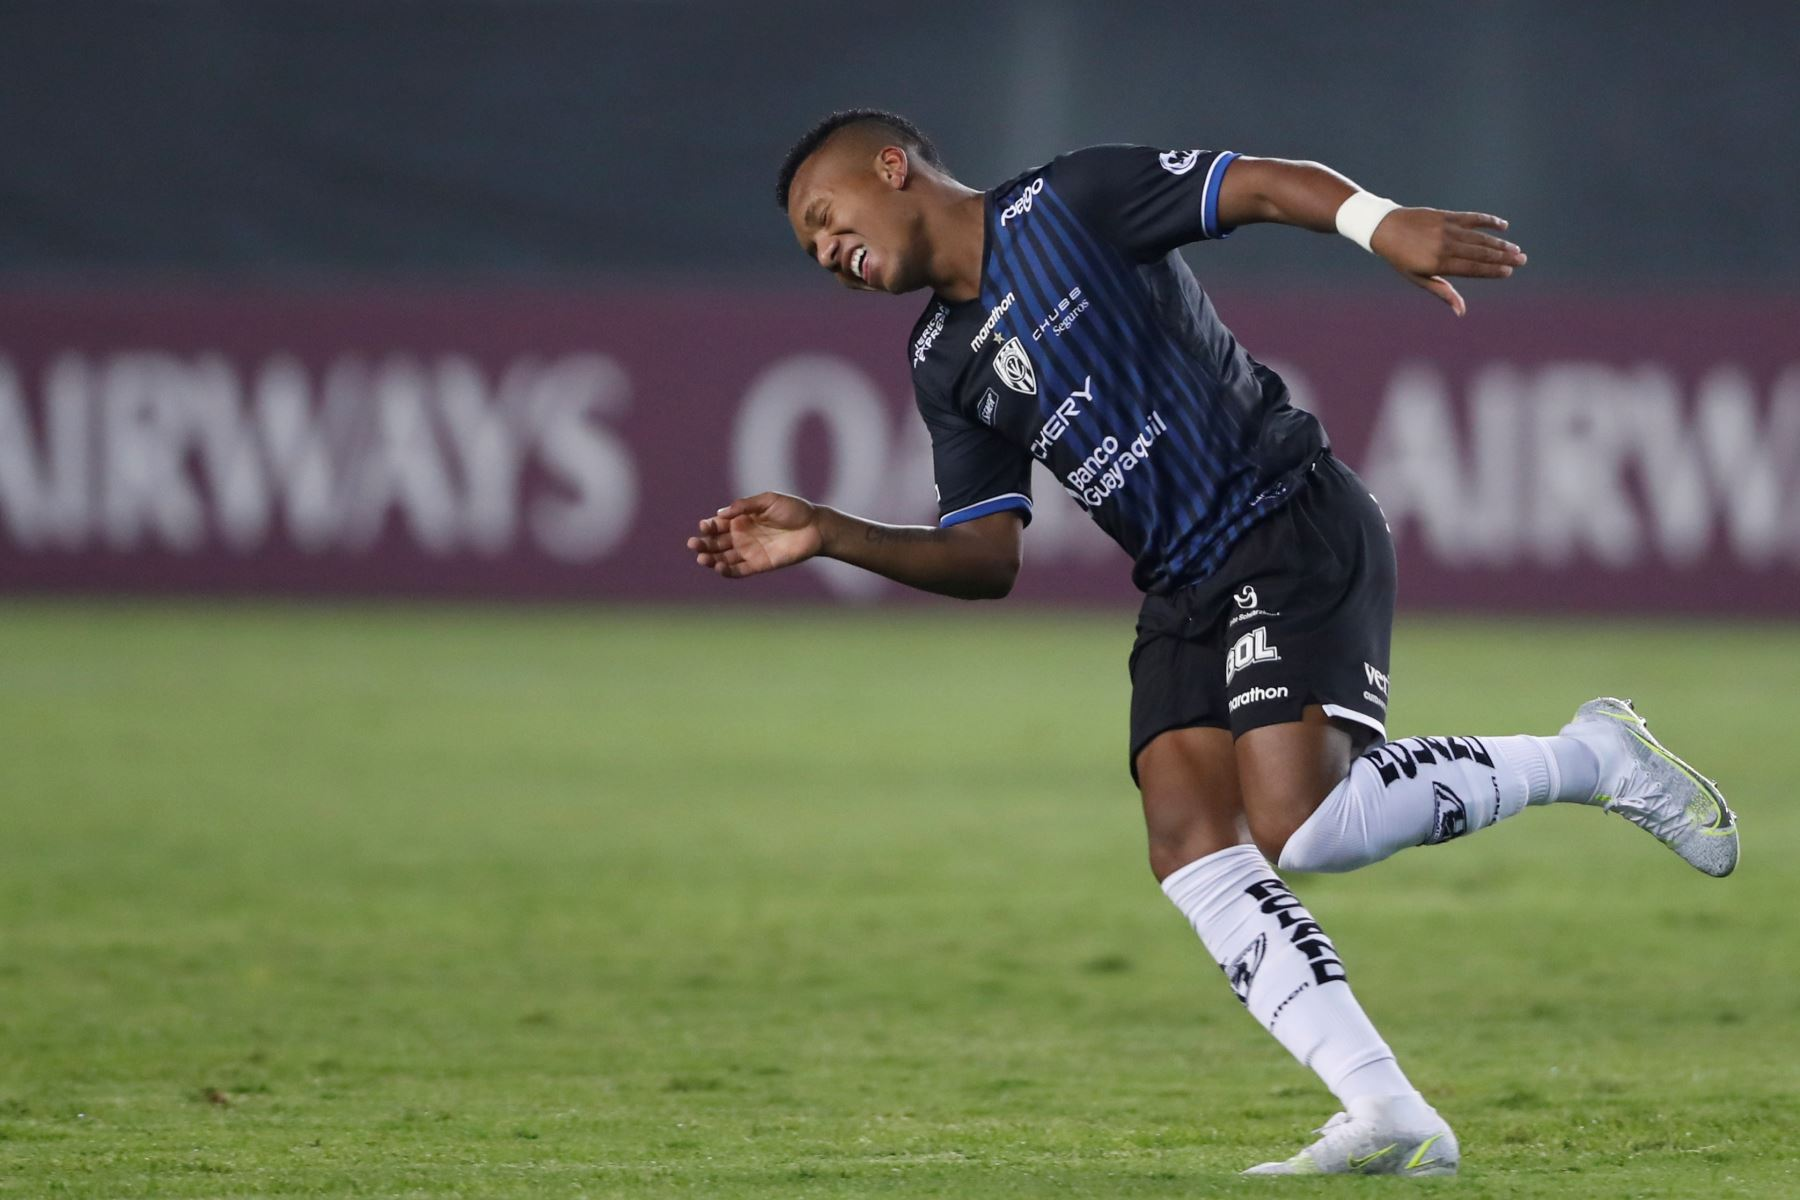 Jhon Sánchez de Independiente del Valle celebra un gol durante partido ante Universitario por la Copa Libertadores, en el Estadio Monumental. Foto: EFE